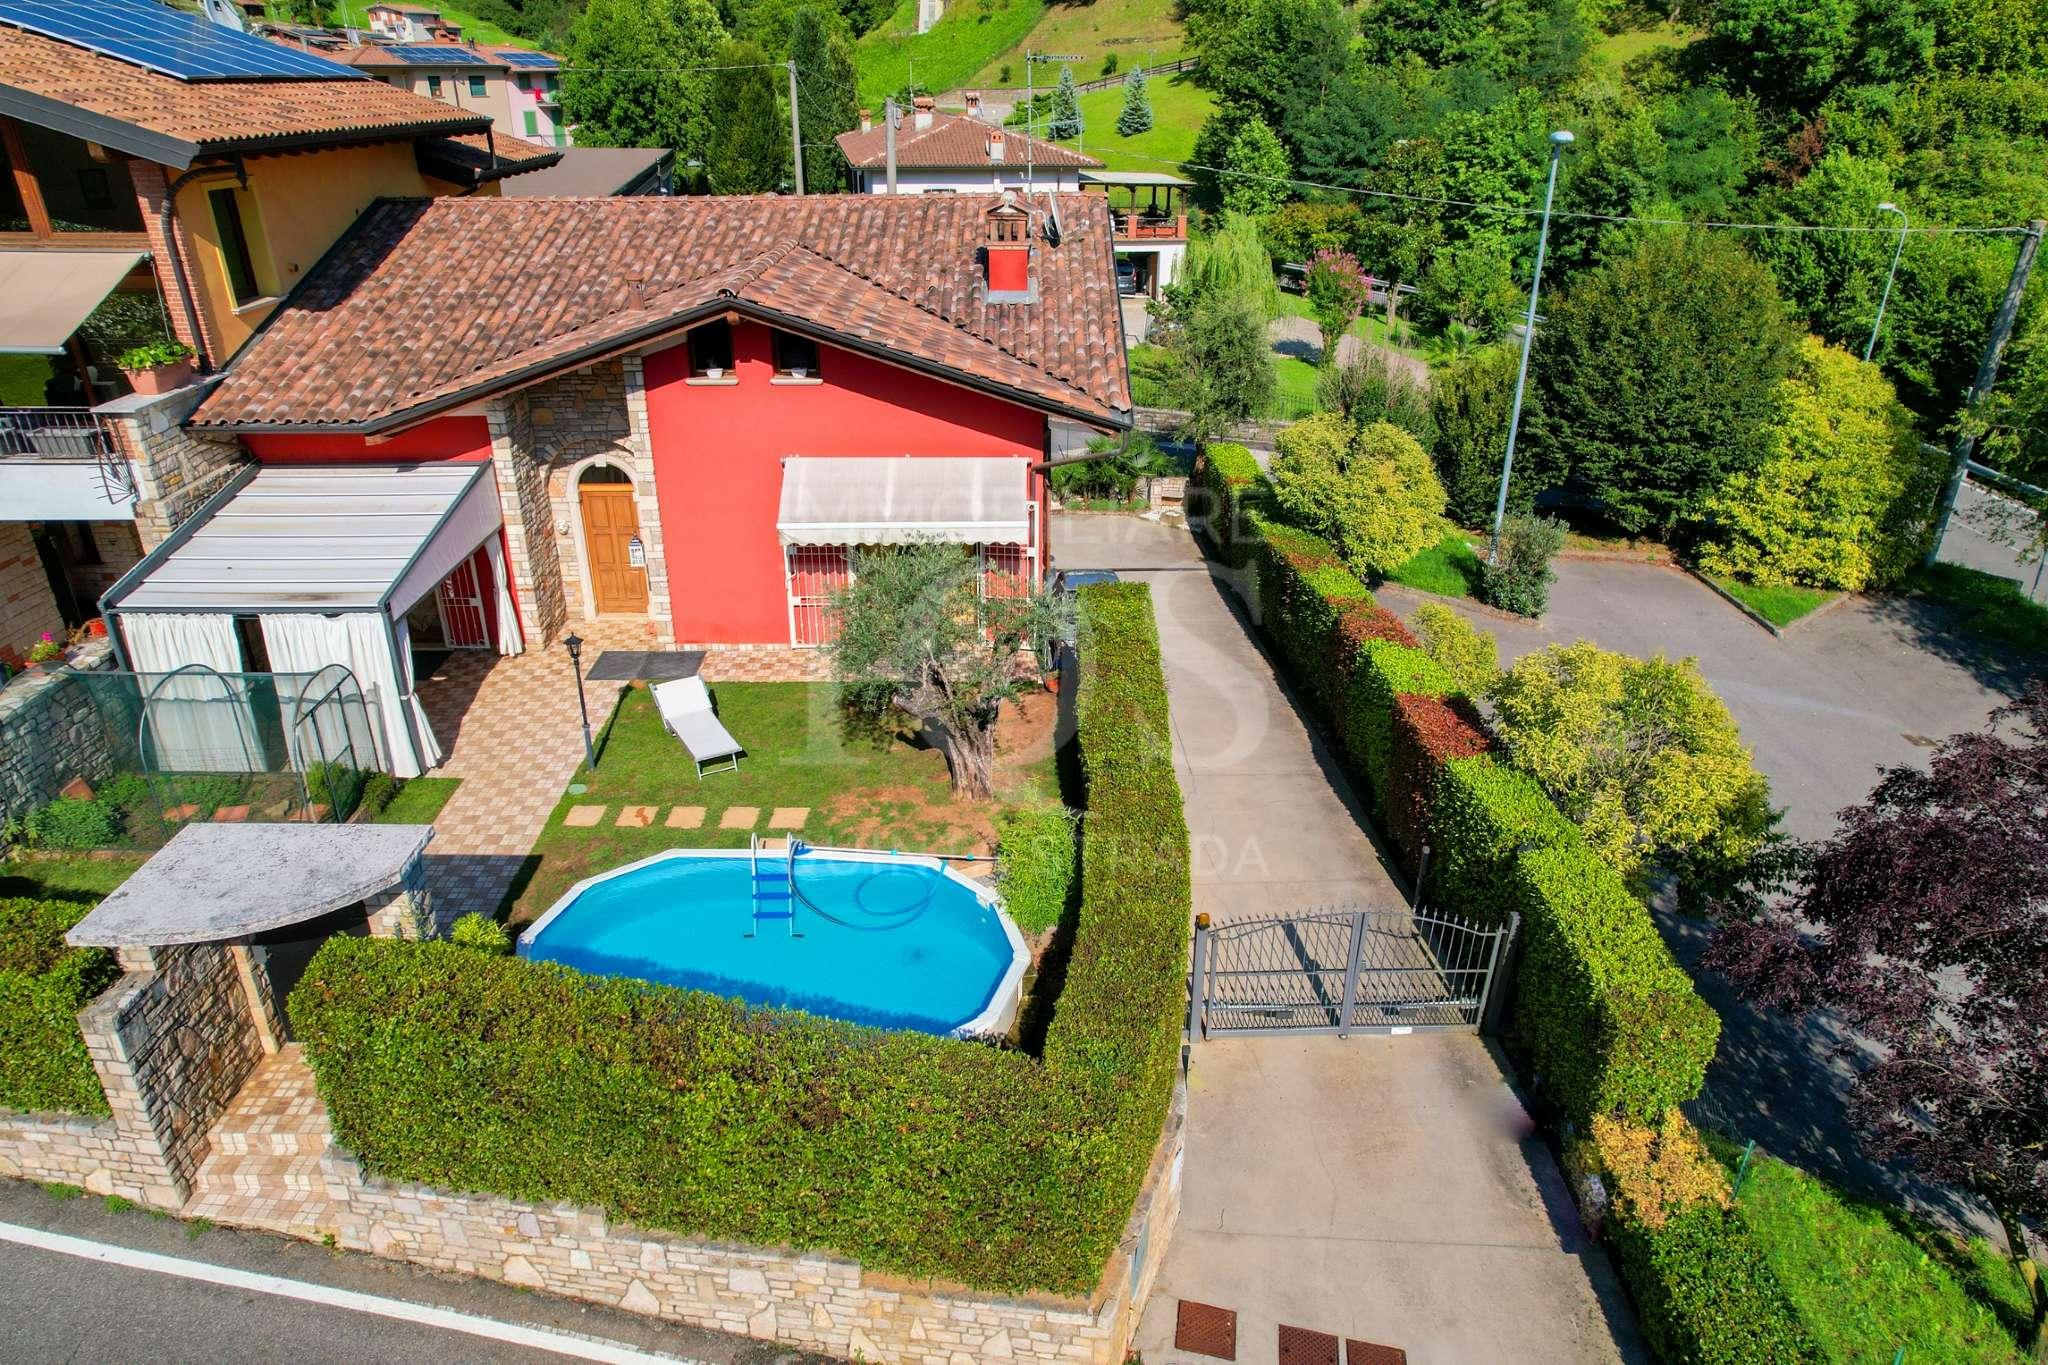 Soluzione Indipendente in vendita a Foresto Sparso, 4 locali, prezzo € 279.000   PortaleAgenzieImmobiliari.it